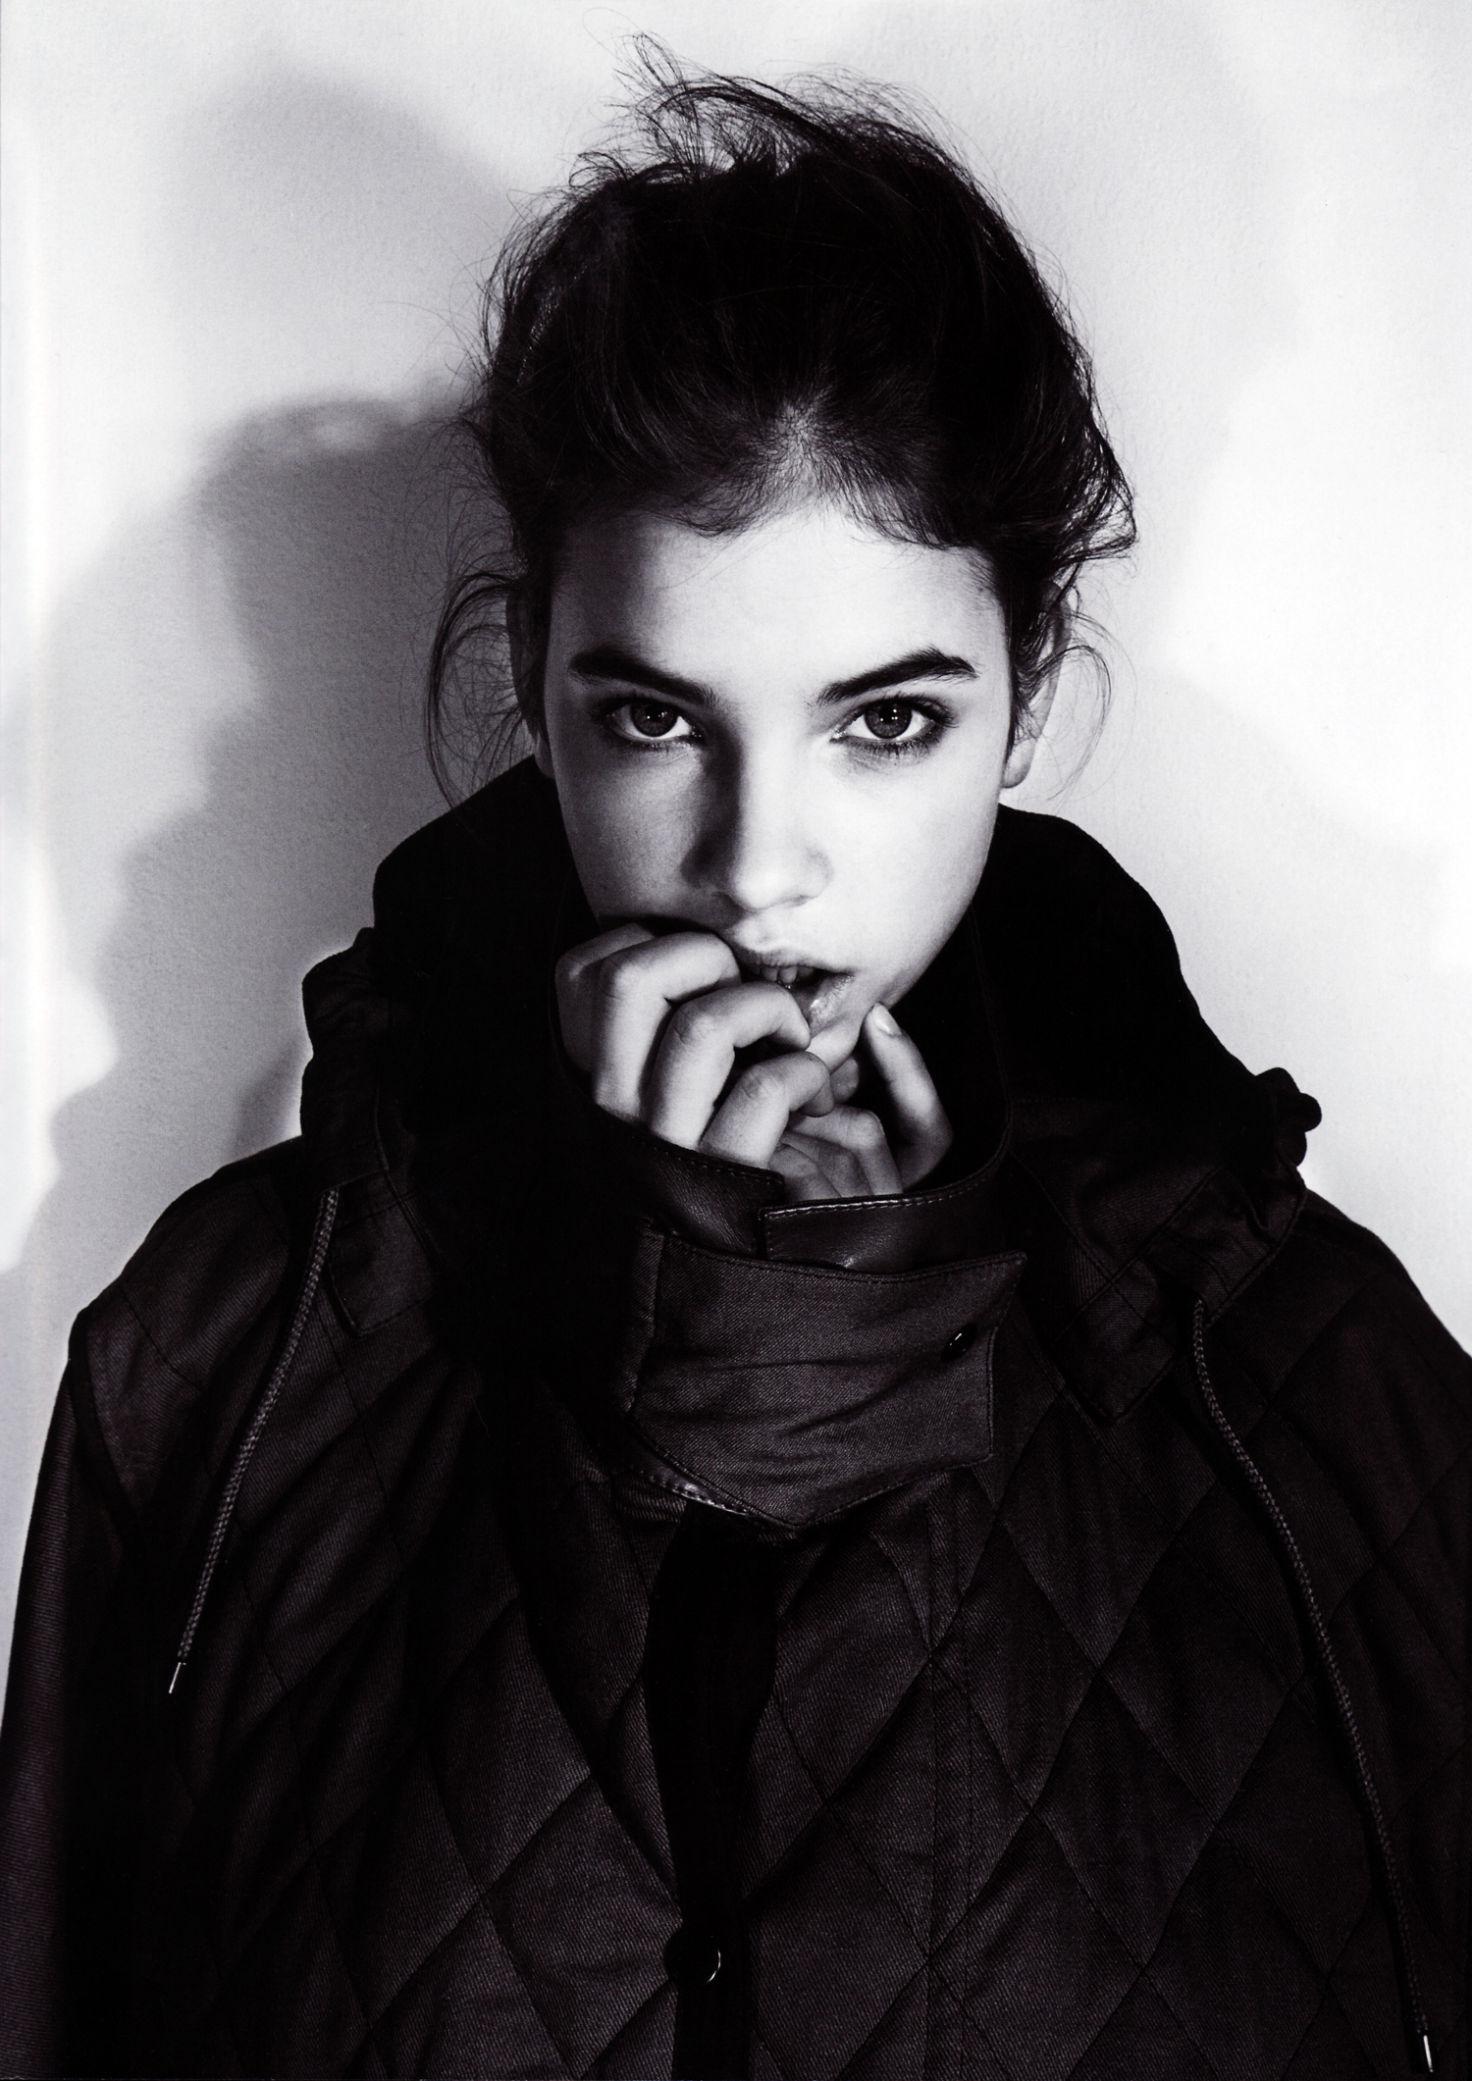 Barbara Palvin (Model) L'OFFICIEL RUSSIA, MARCH 2010